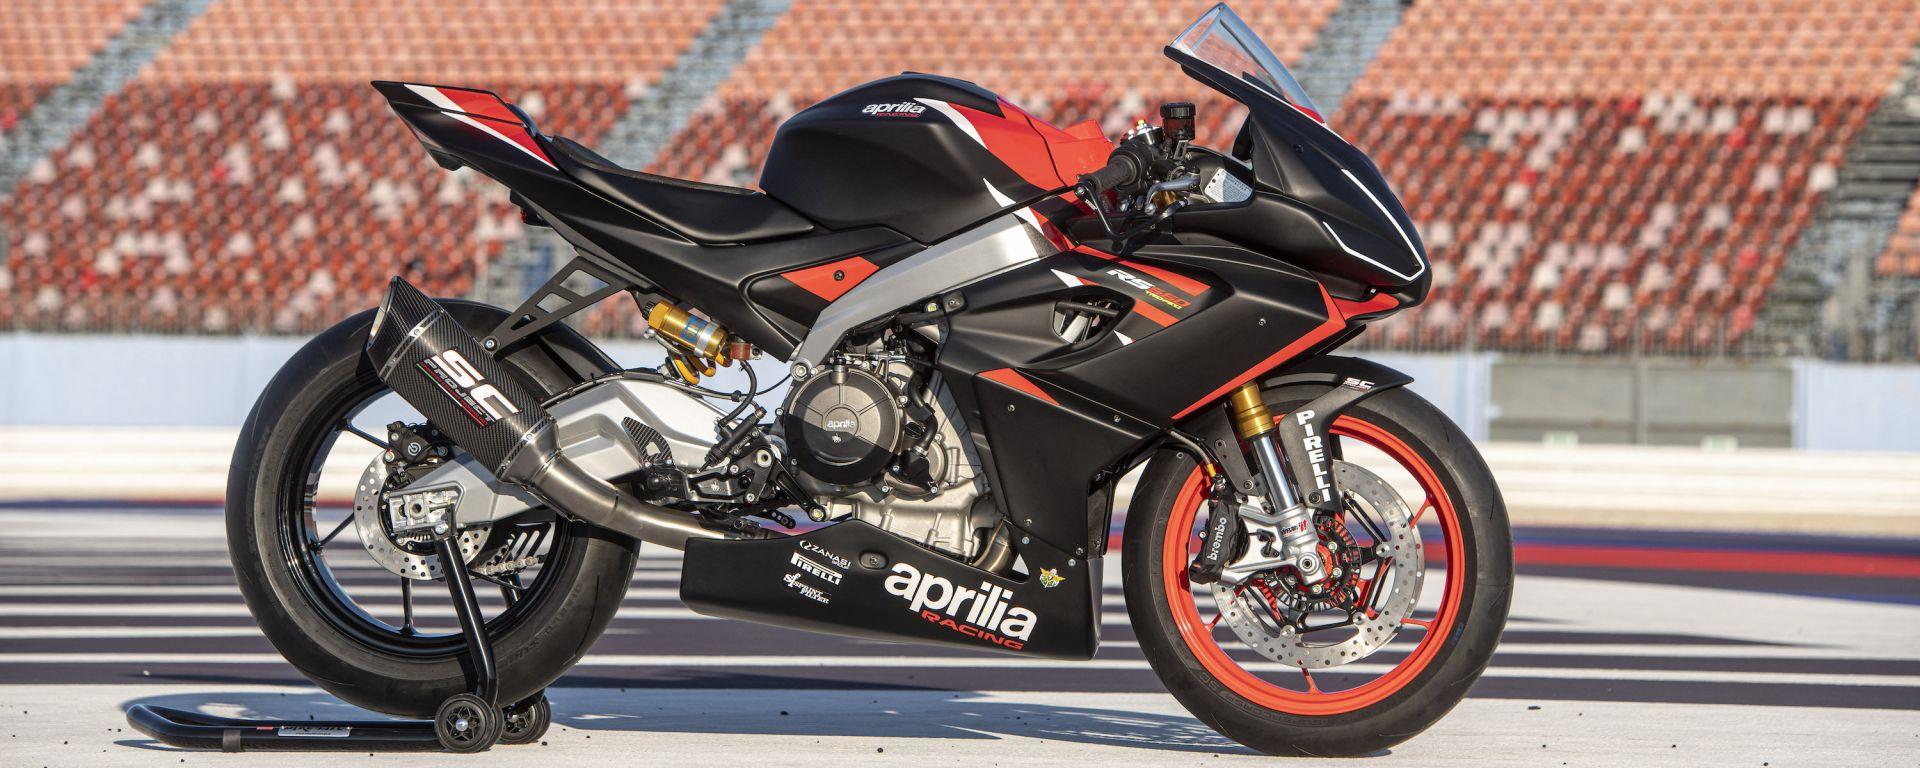 Aprilia RS 660 Trofeo 2021